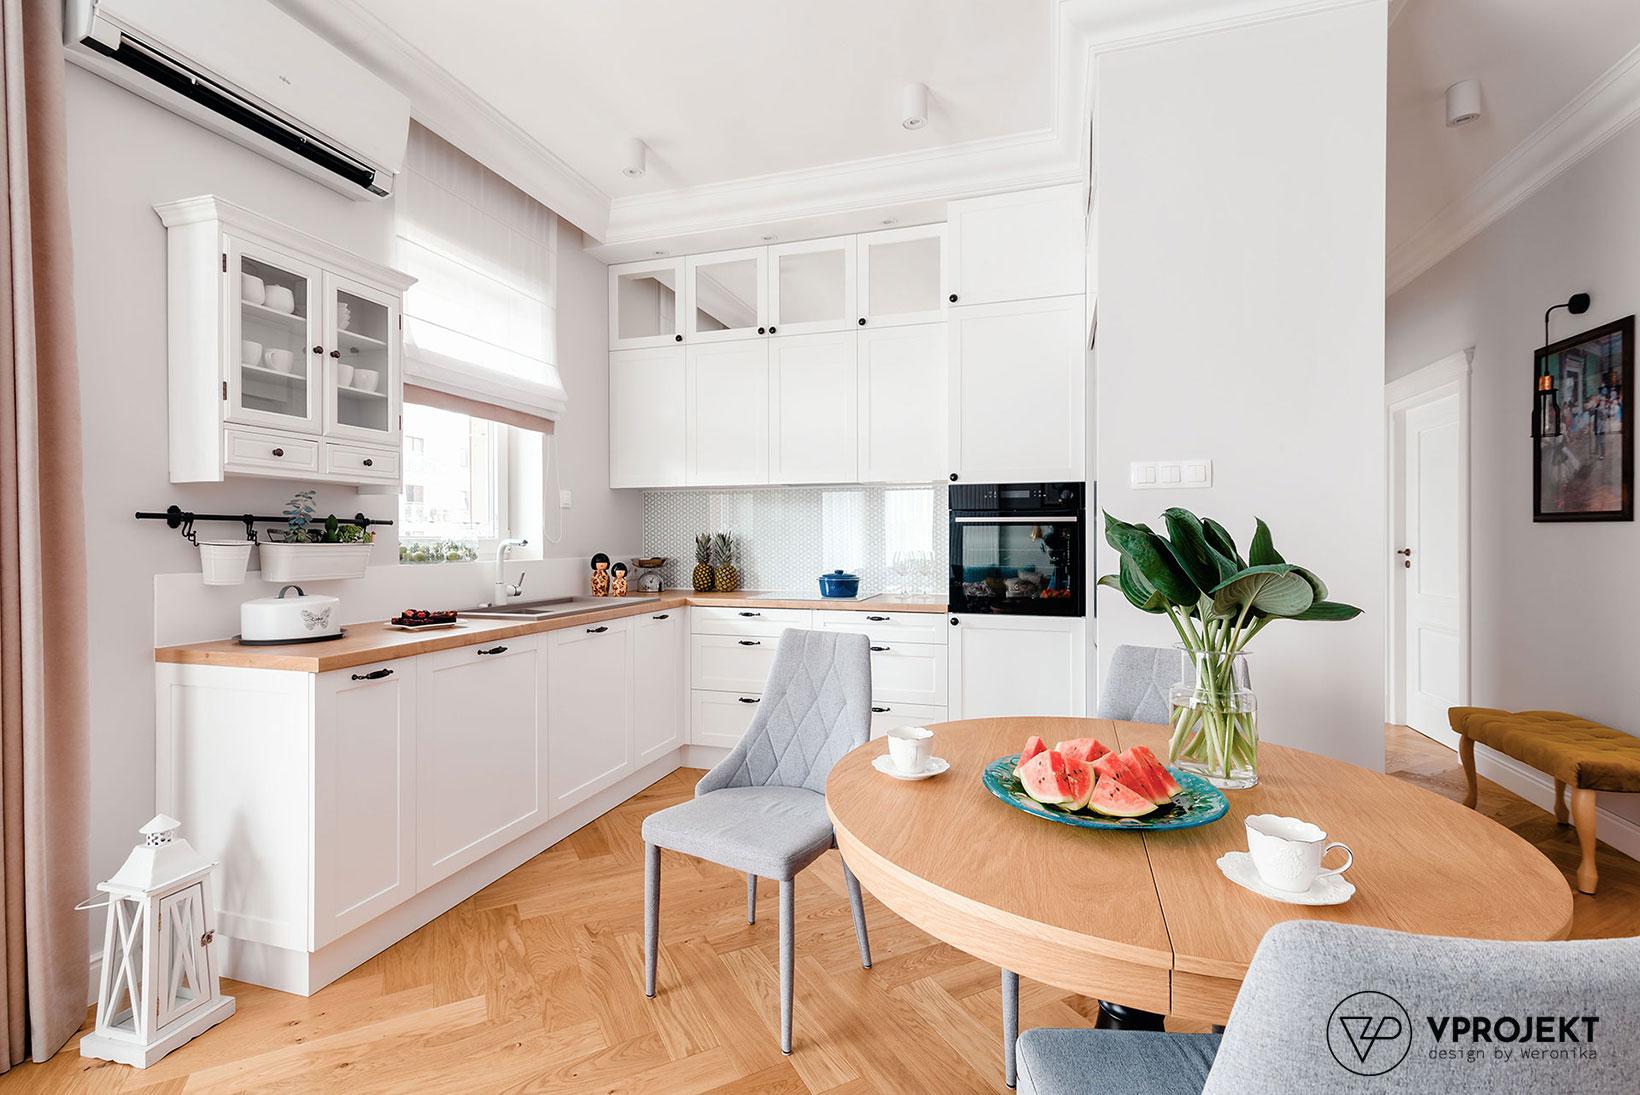 Projekt kuchni, mieszkanie w Olsztynie, Vprojekt